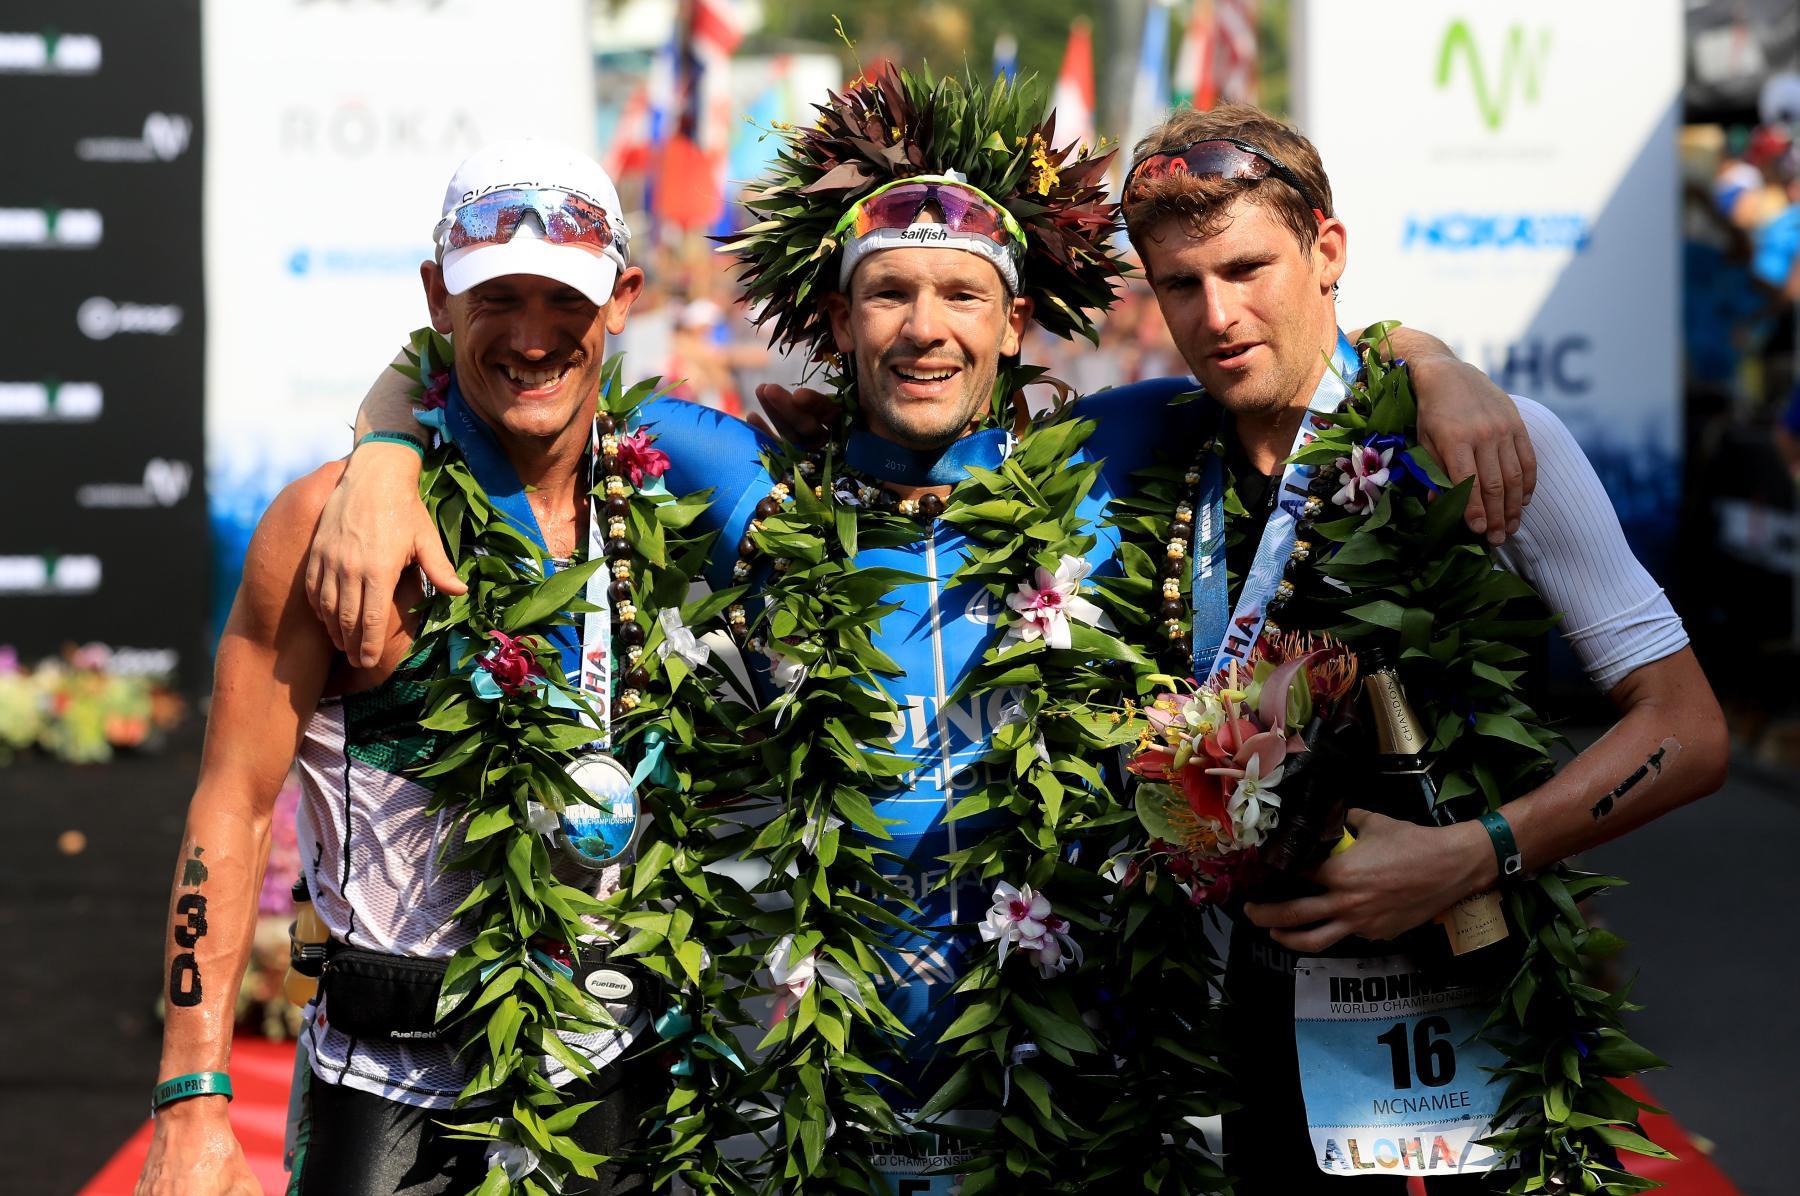 [FOTO] Daniela Ryf i Patrick Lange su Ironman prvaci svijeta